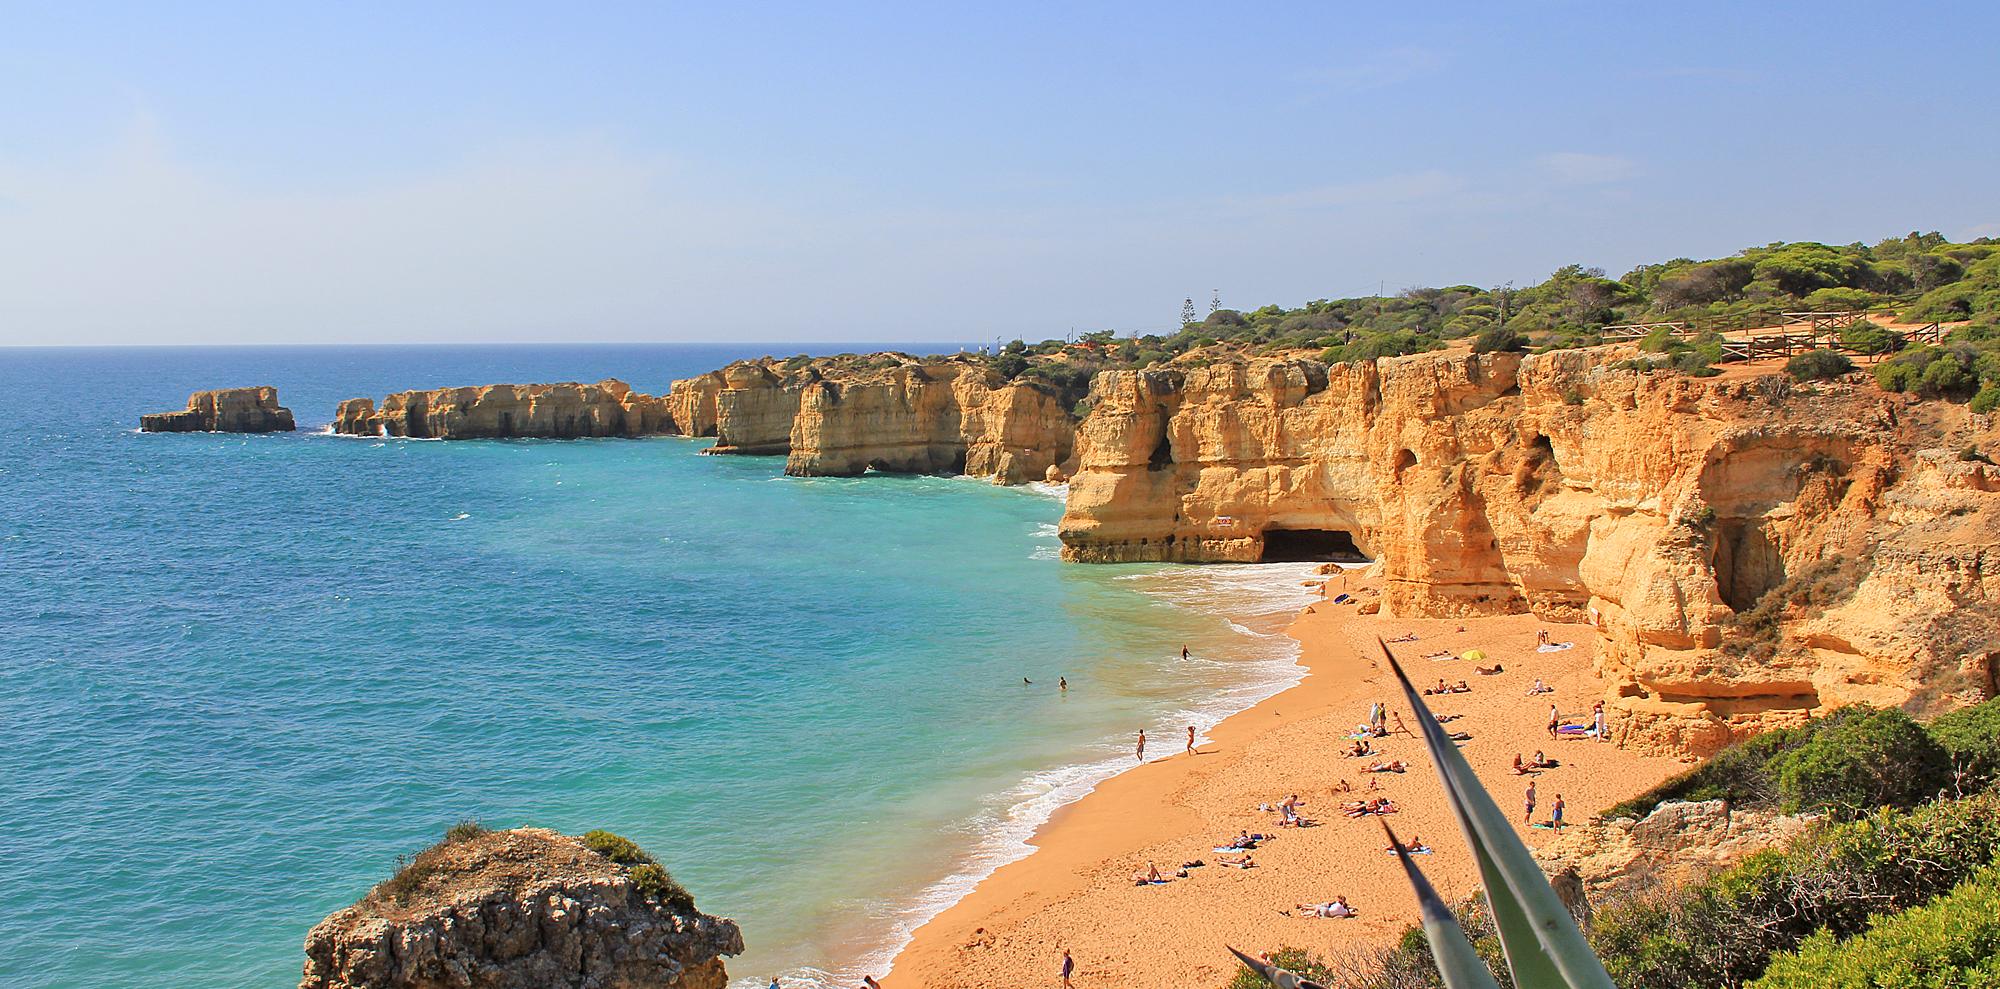 Praia do Coelho